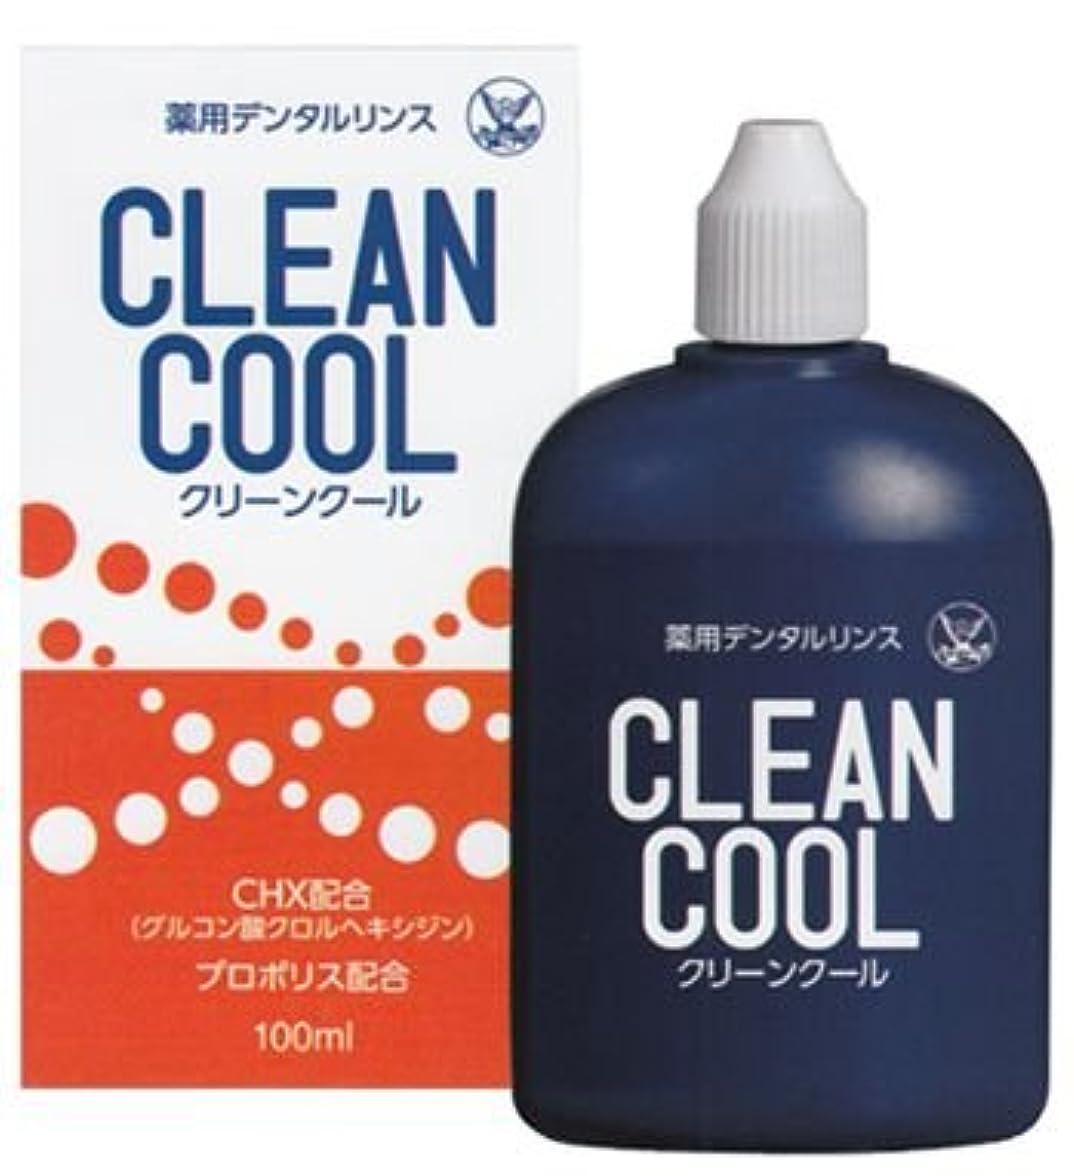 ハロウィン上流のキャンバス薬用デンタルリンス クリーンクール (CLEAN COOL) 洗口液 100ml